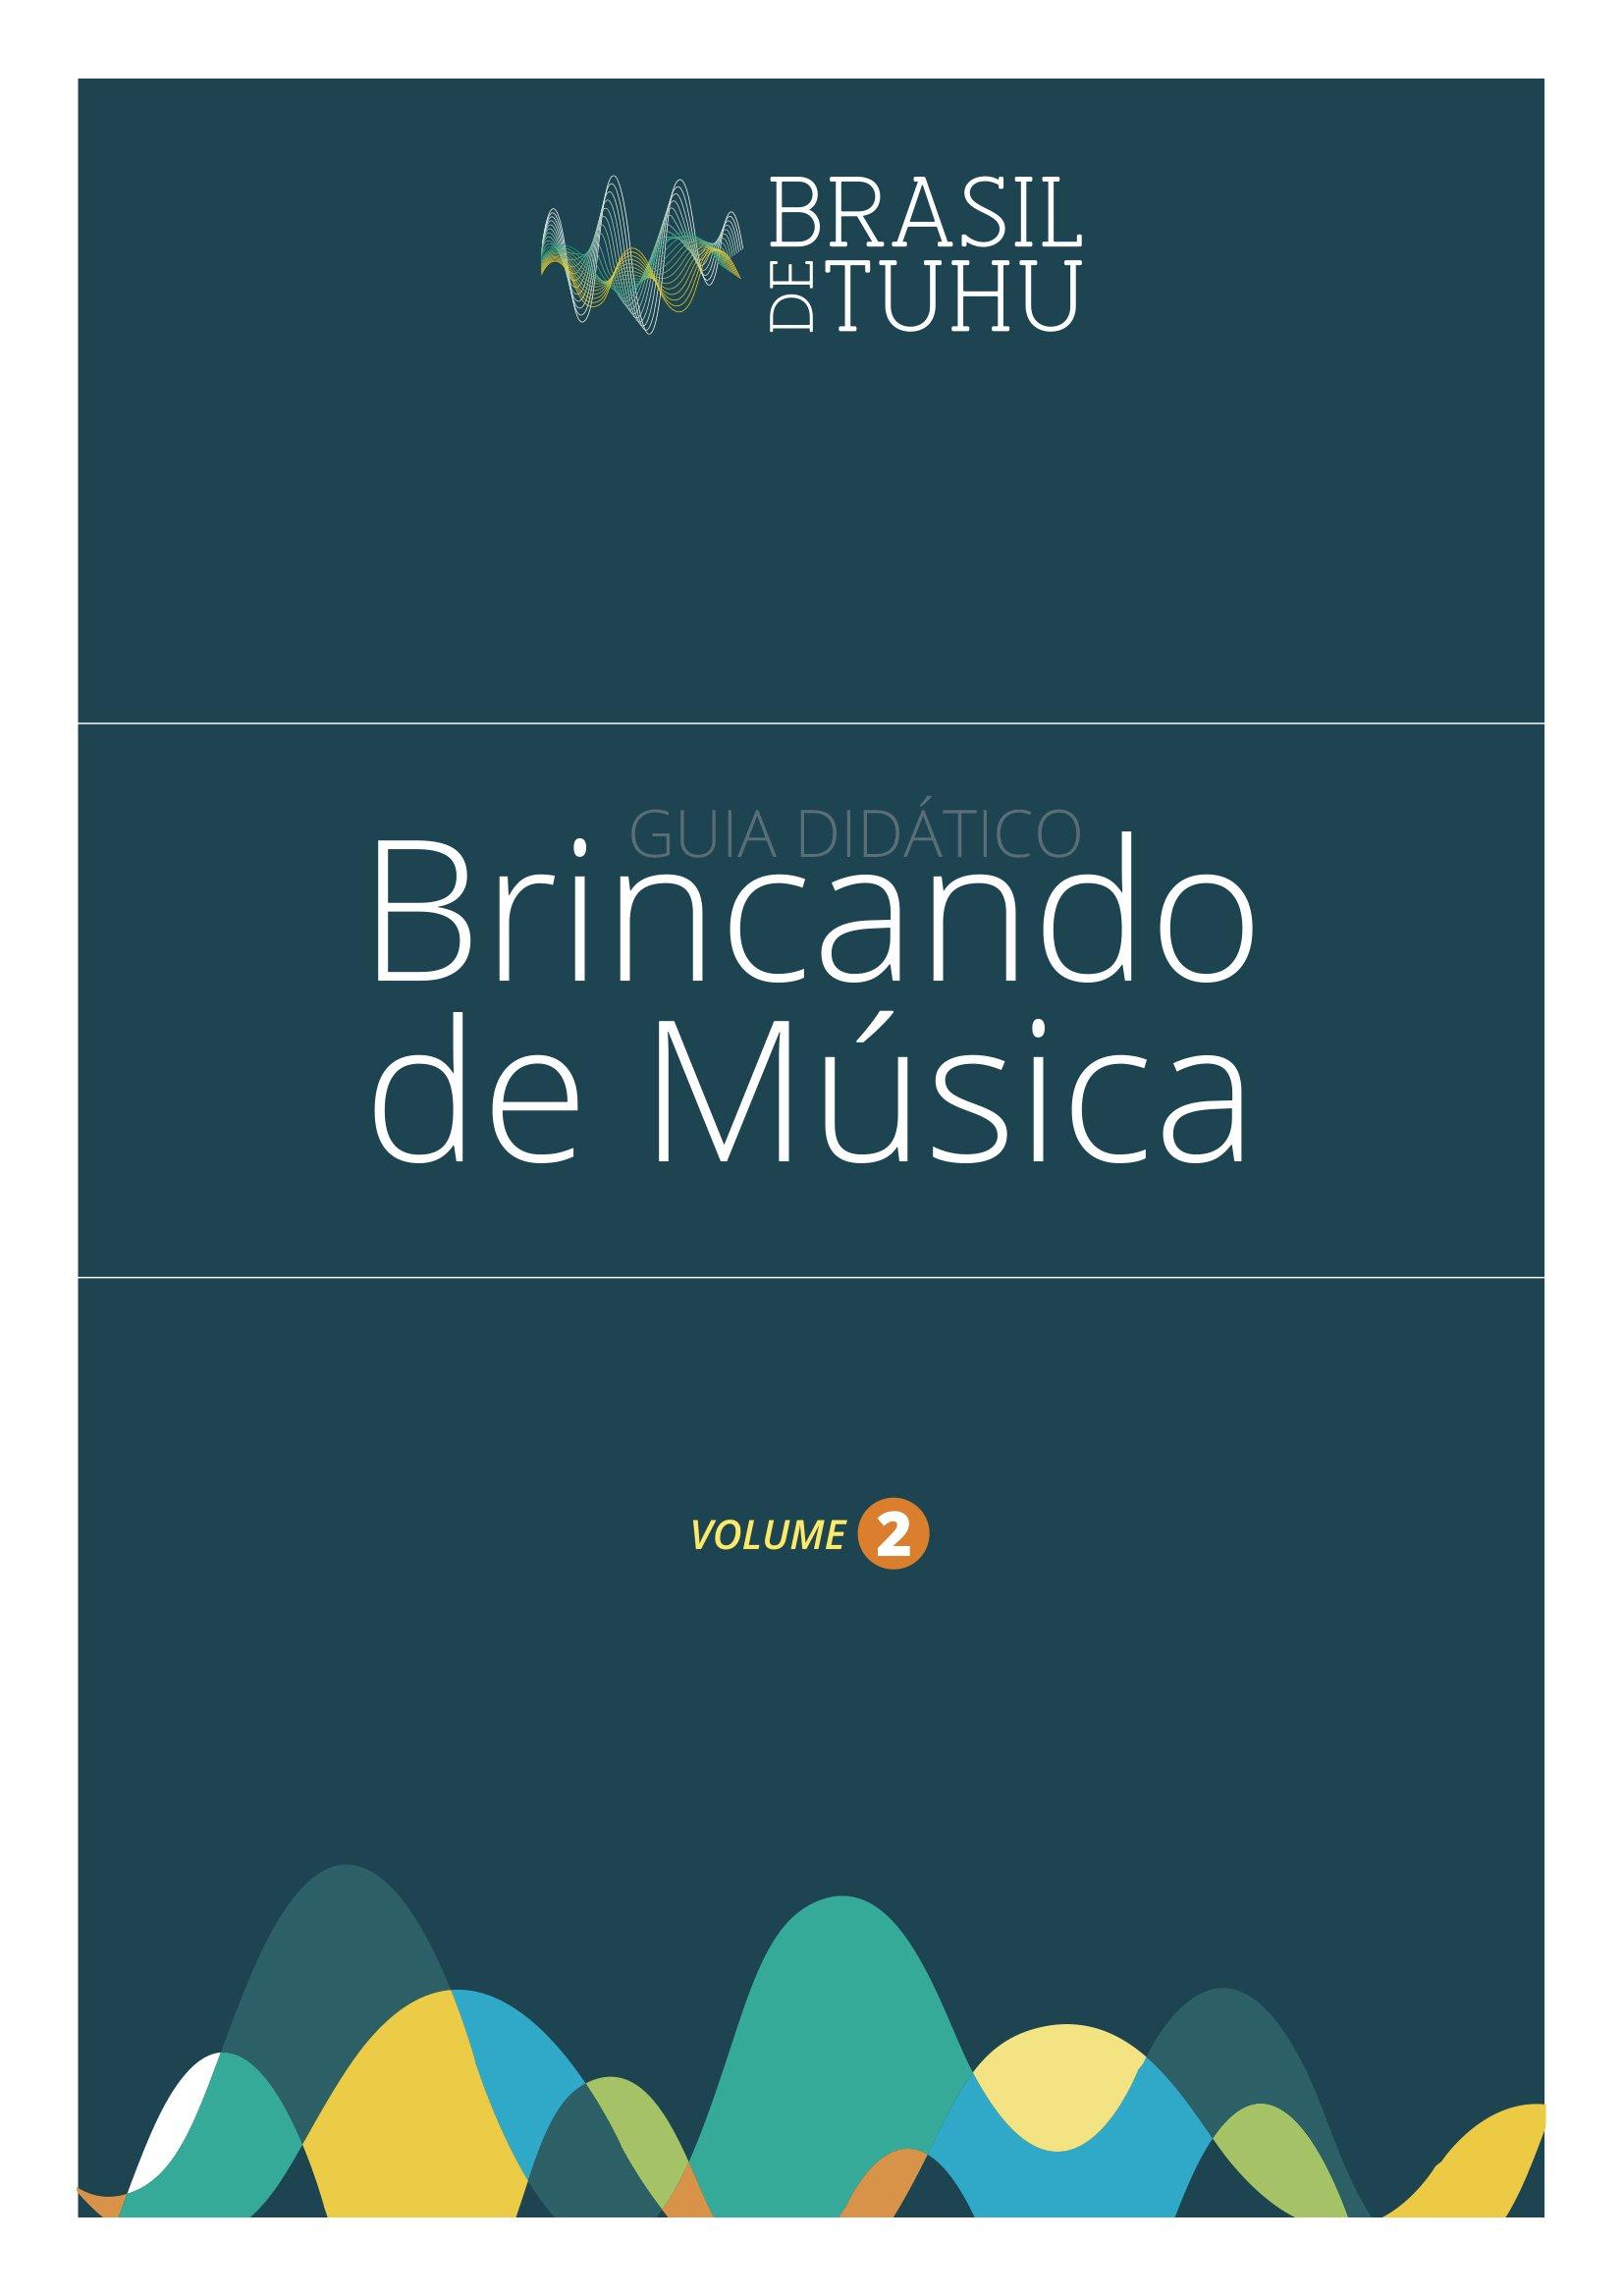 capa de cor azul com logo Brasil de Tuhu aplicada centralizada no topo da página. No meio da página o título: Guia Didático – Brincando de Música Volume 02. No rodapé da página ondas sonoras em diferentes cores: amarela, azul, verde, laranja e branca.